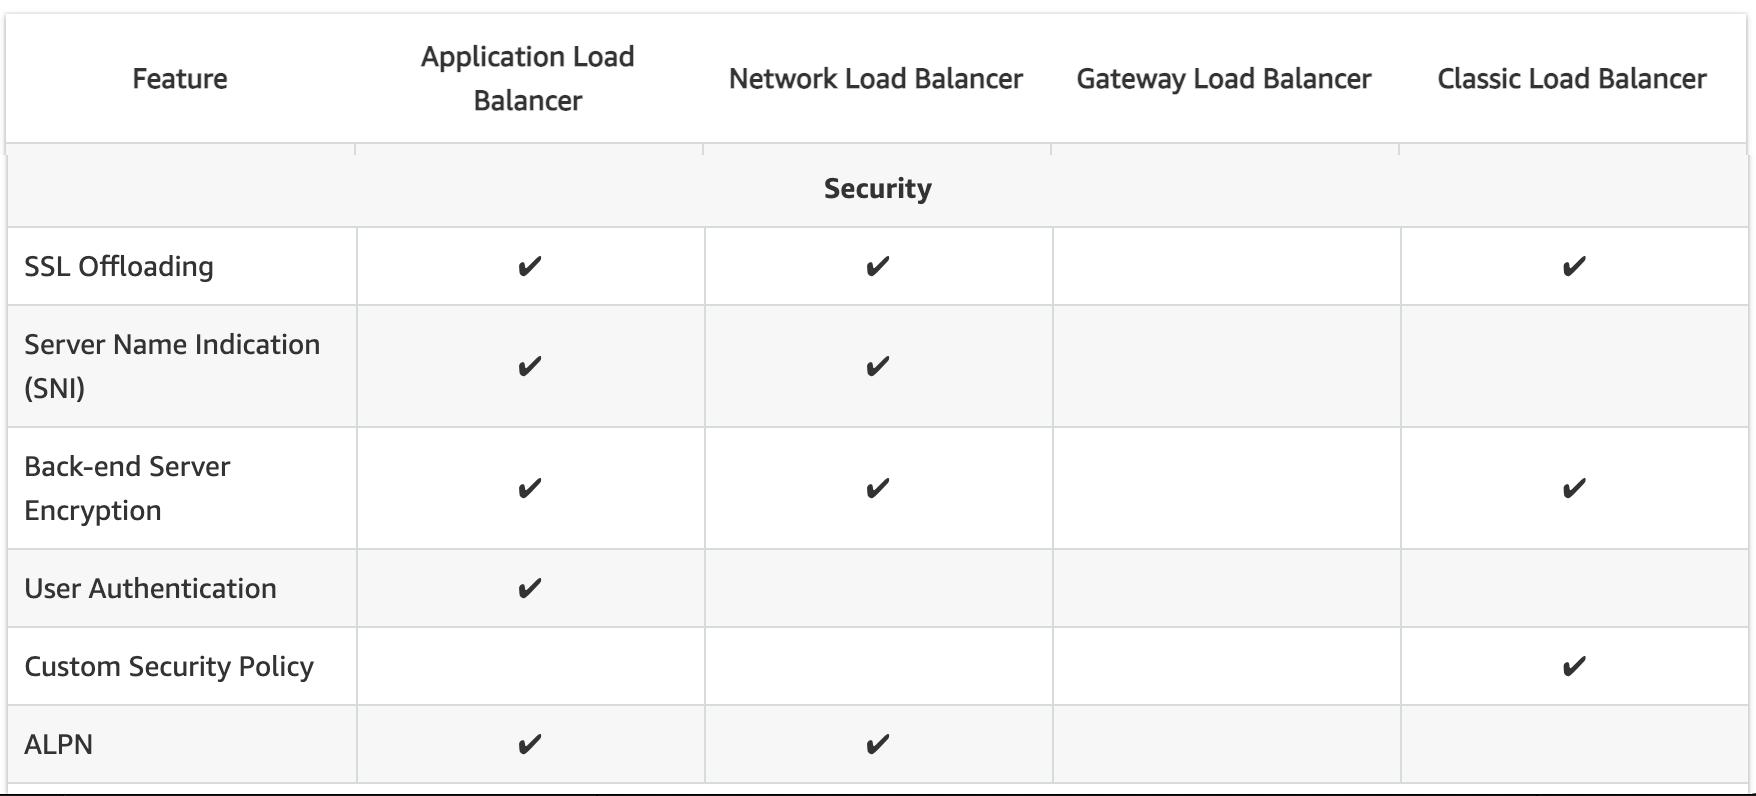 CLB vs ALB vs NLB Security